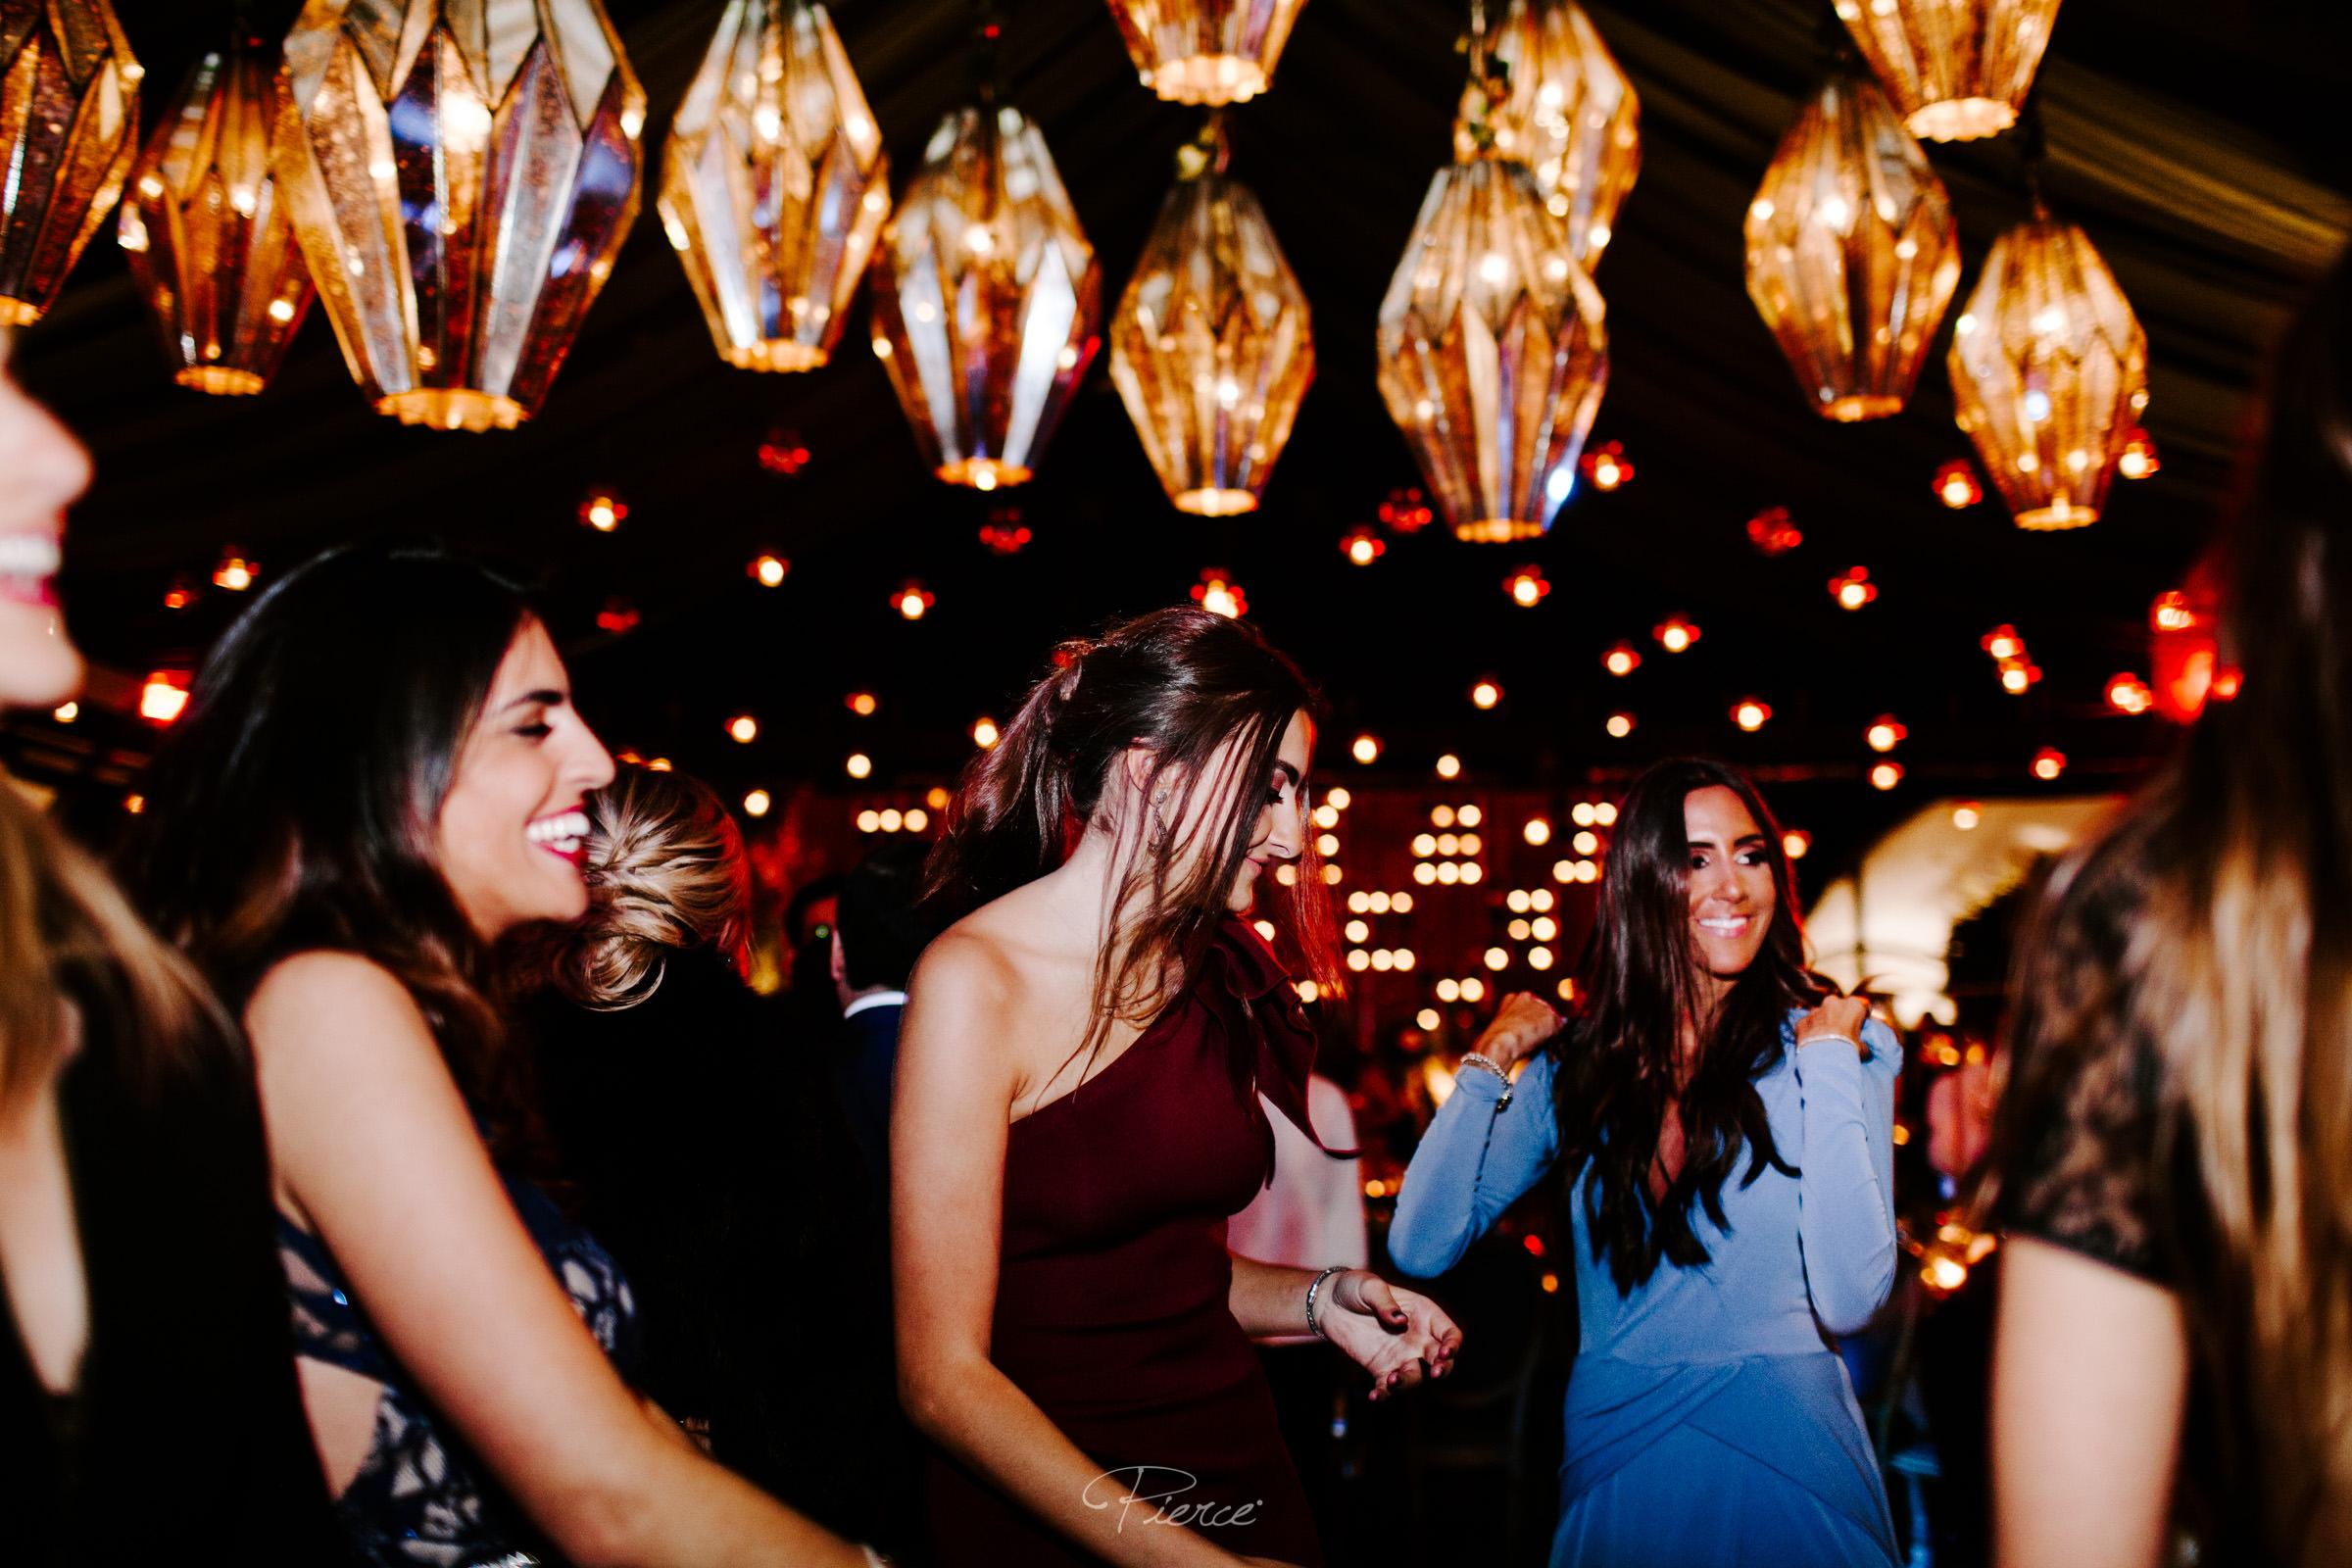 fotografia-de-boda-valle-de-bravo-mexico-rosmarino-pierce-weddings-0194.JPG